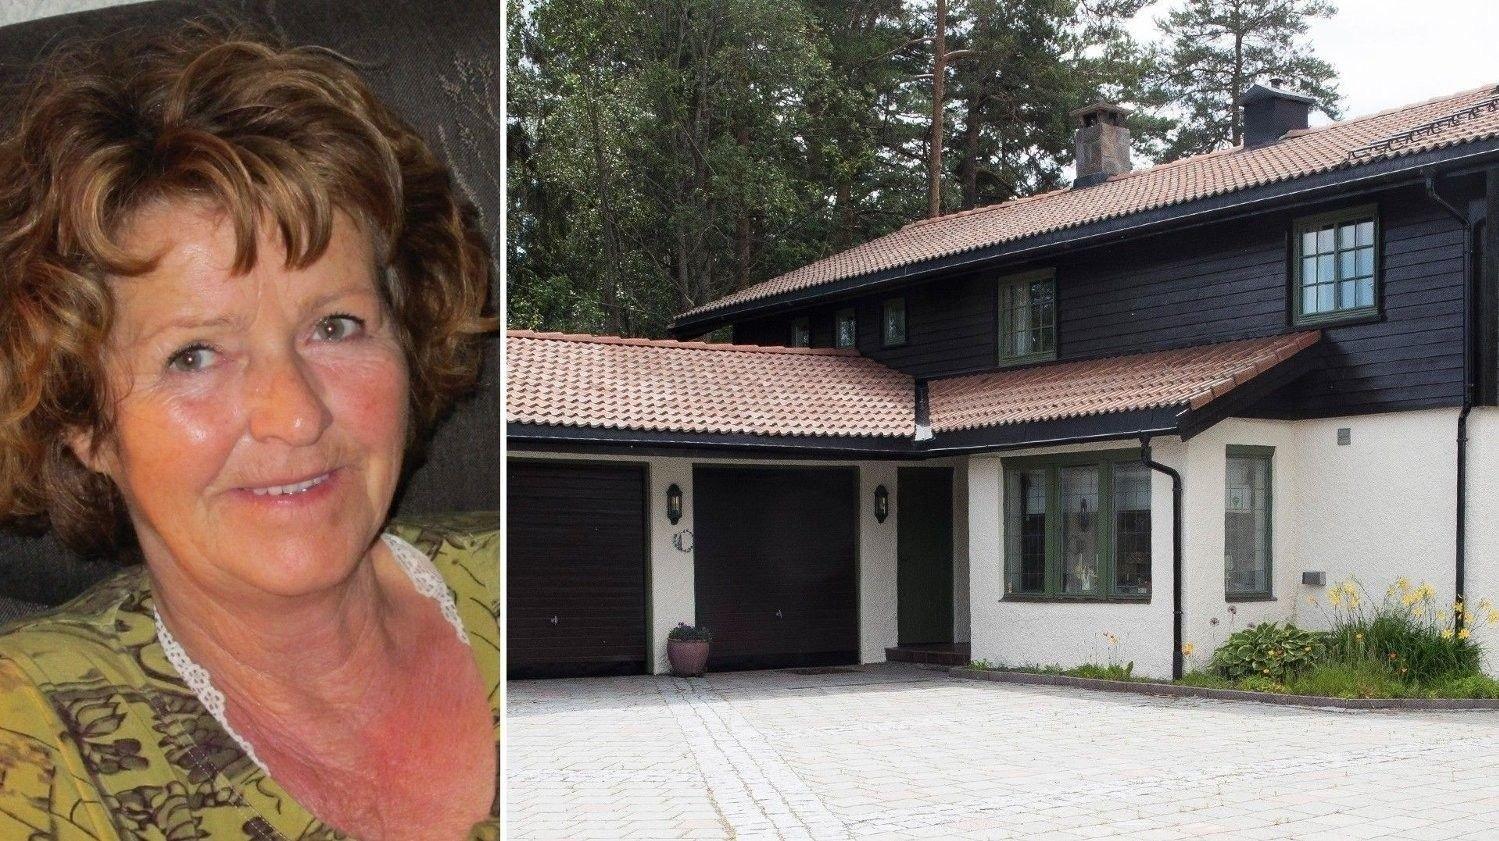 Anne-Elisabeth Hagen har vært sporløst forsvunnet siden 31. oktober 2018. Ektemannen Tom Hagen er siktet for drap- eller medvirkning til drap. Det samme er en mann i 30-årene.